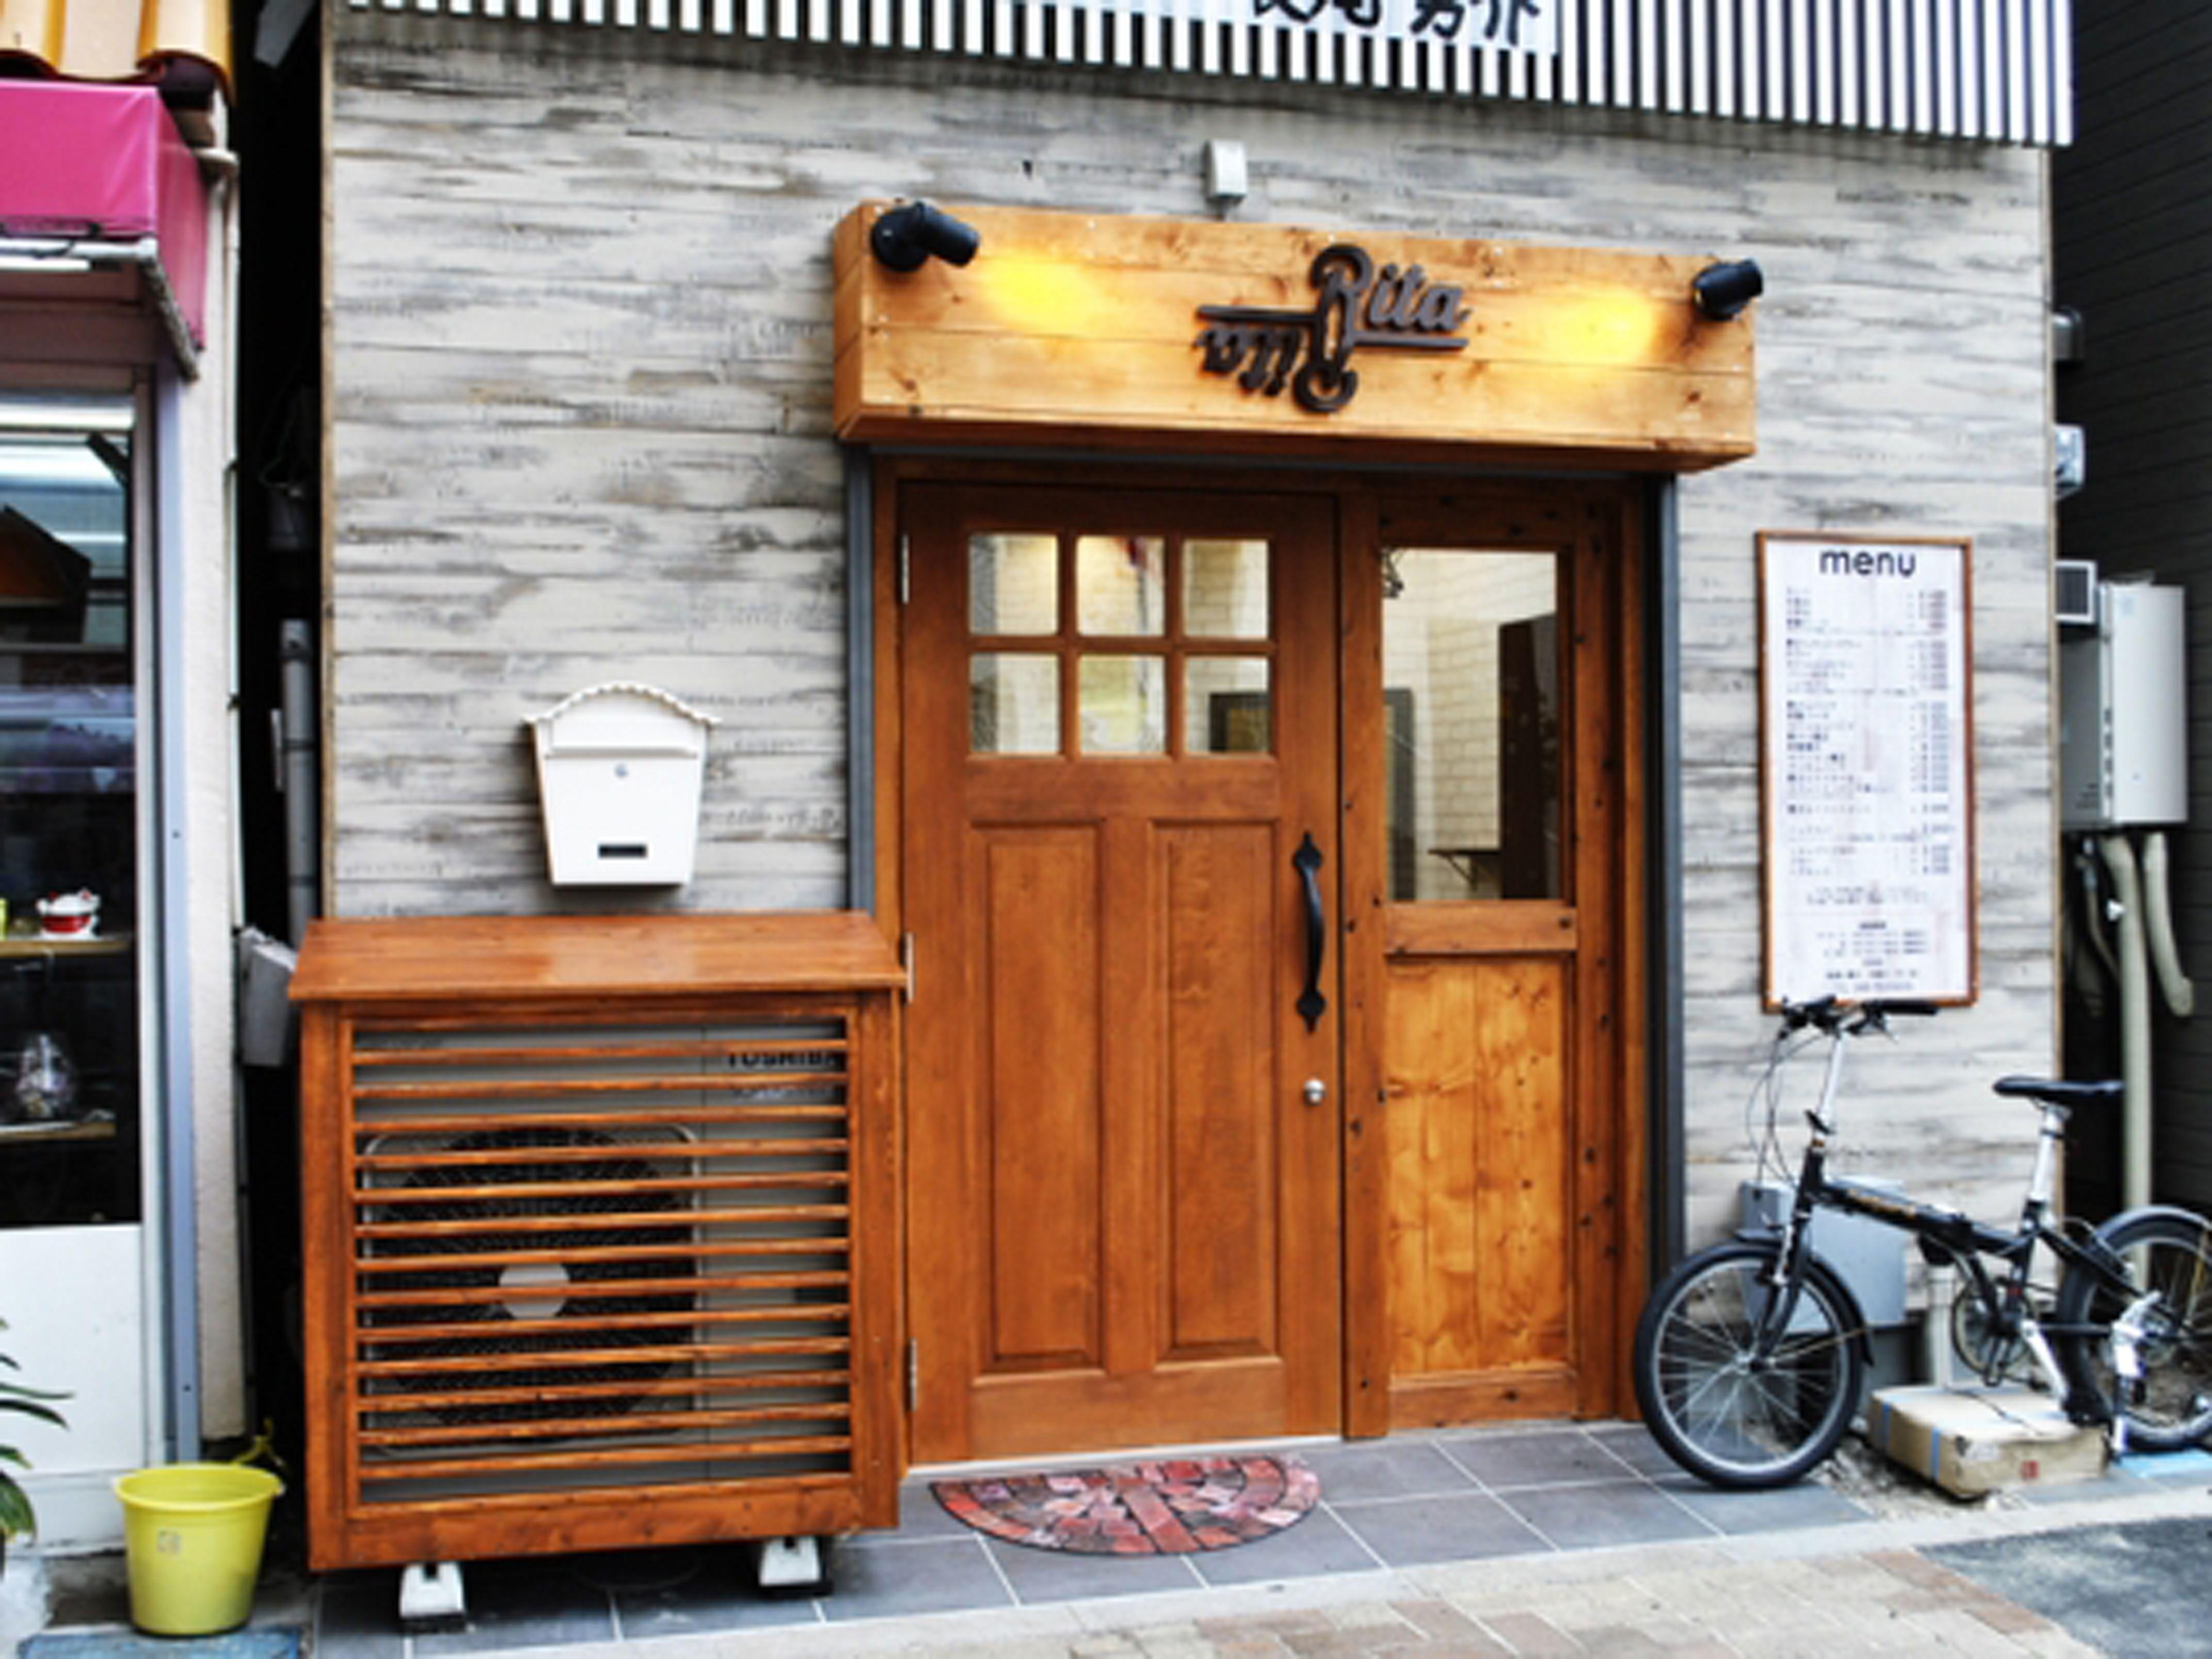 サロン名:美容室Rita様 立地:埼玉県さいたま市 坪数:10坪 工事費用:325万円  白を基調としたアンティークな空間を演出しました。 外壁はアンティーク加工された木材を使用し、質感を出しております。 省スペースを有効活用したデザインの中でお客様が求めている機能を全て取り入れました。  #サロンマーケット #埼玉県 #さいたま市 #美容室内装 #美容室 #美容院 #美容師 #サロンデザイン #店舗設計 #サロン店舗設計デザイン #内装 #設計事務所 #デザイン事務所 #ショップデザイン#shopdesign #インテリア #サロン#salon#interior #hairsalon #デザイン #design #東京 #豊島区 #池袋